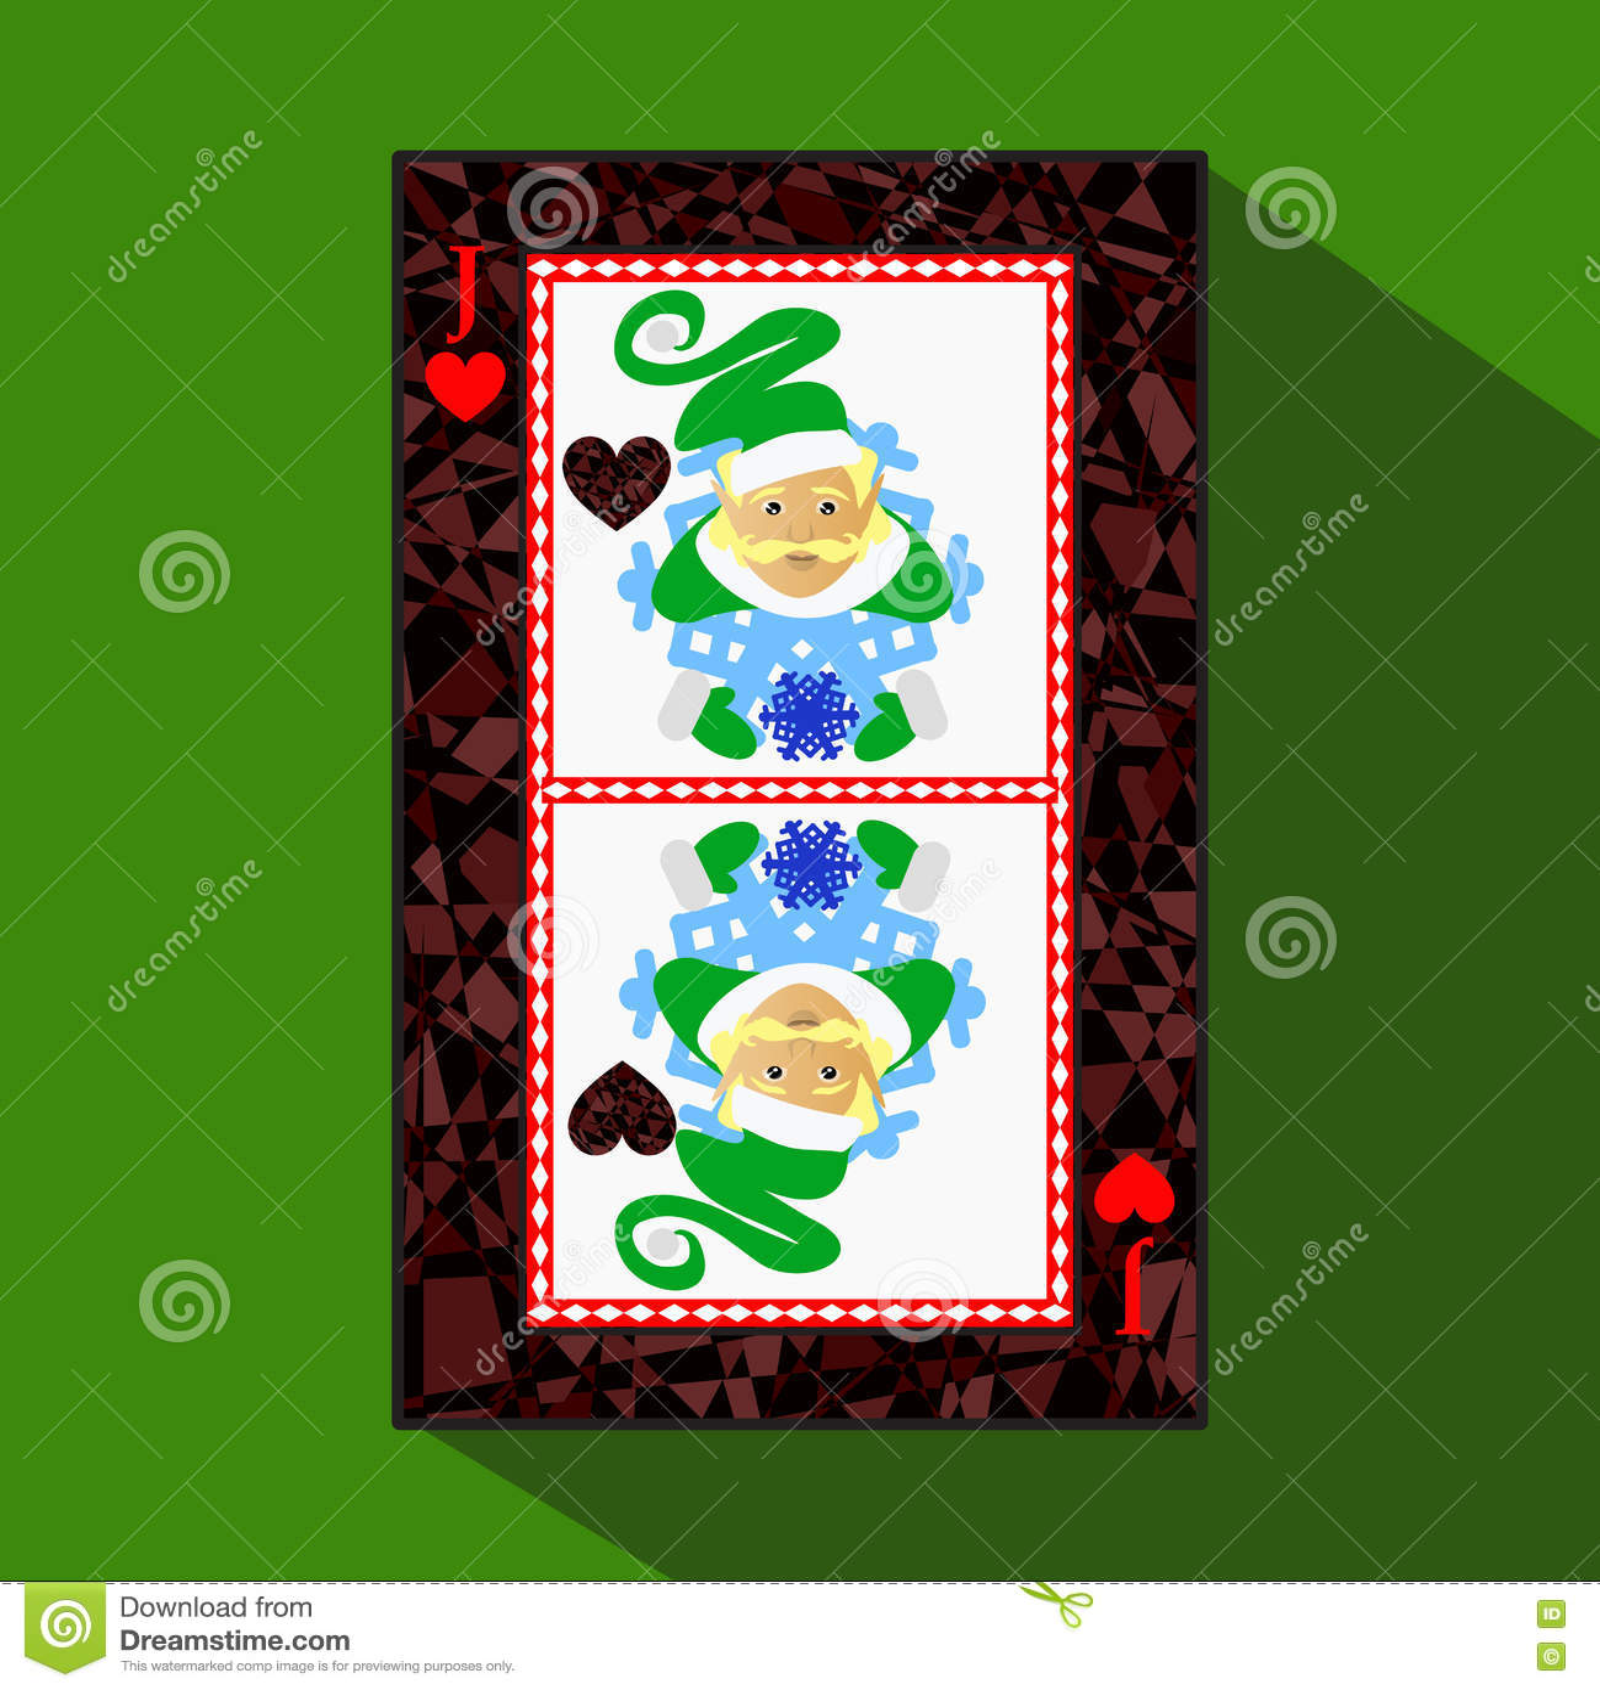 Spela kortet symbolsbilden är lätt ÄLVA FÖR NYTT ÅR FÖR HJÄRTASTÅLARJOKER JULÄMNE om mörk regiongräns a dåligt